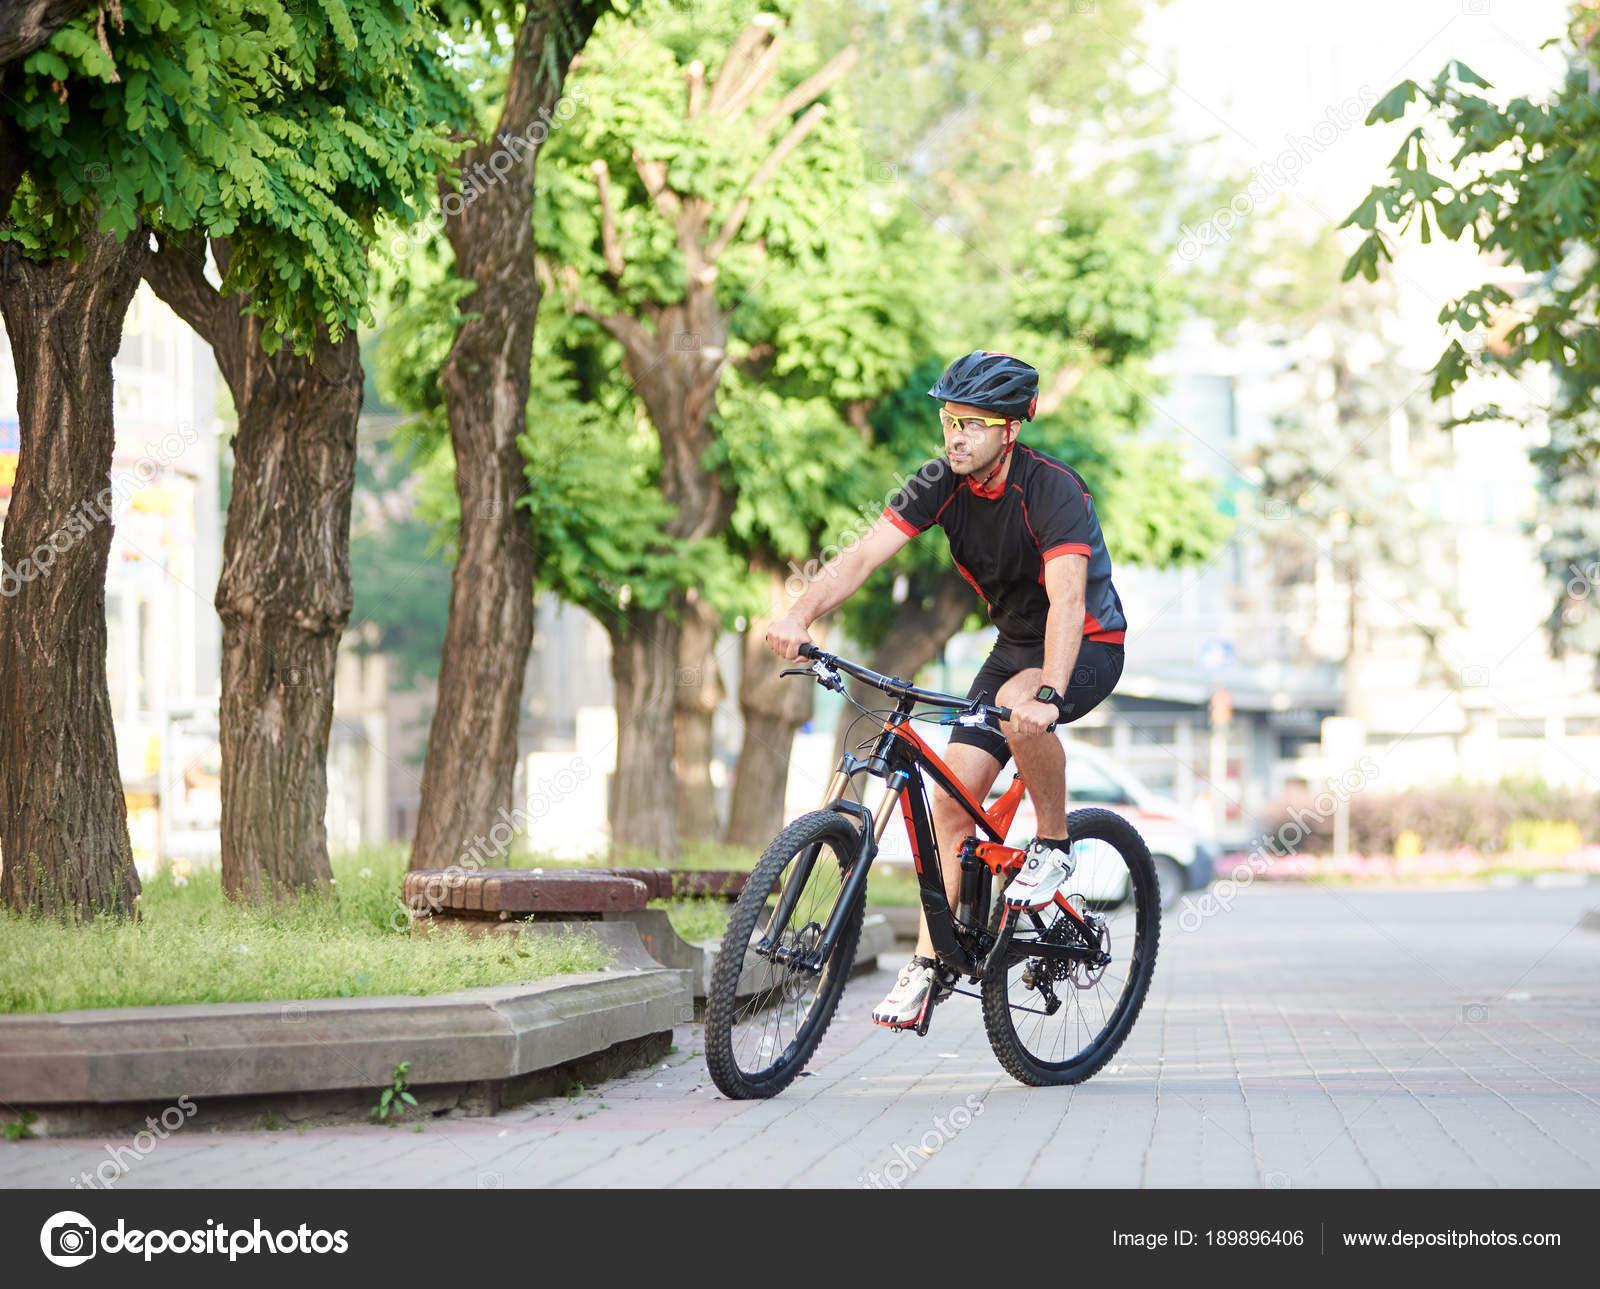 Αθλητικός τύπος ποδηλάτη στην ποδηλασία ρούχα και προστατευτικό εξοπλισμό  ιππασίας με ποδήλατο κατά μήκος το άδειο πόλη δρόμους dc409d1df66